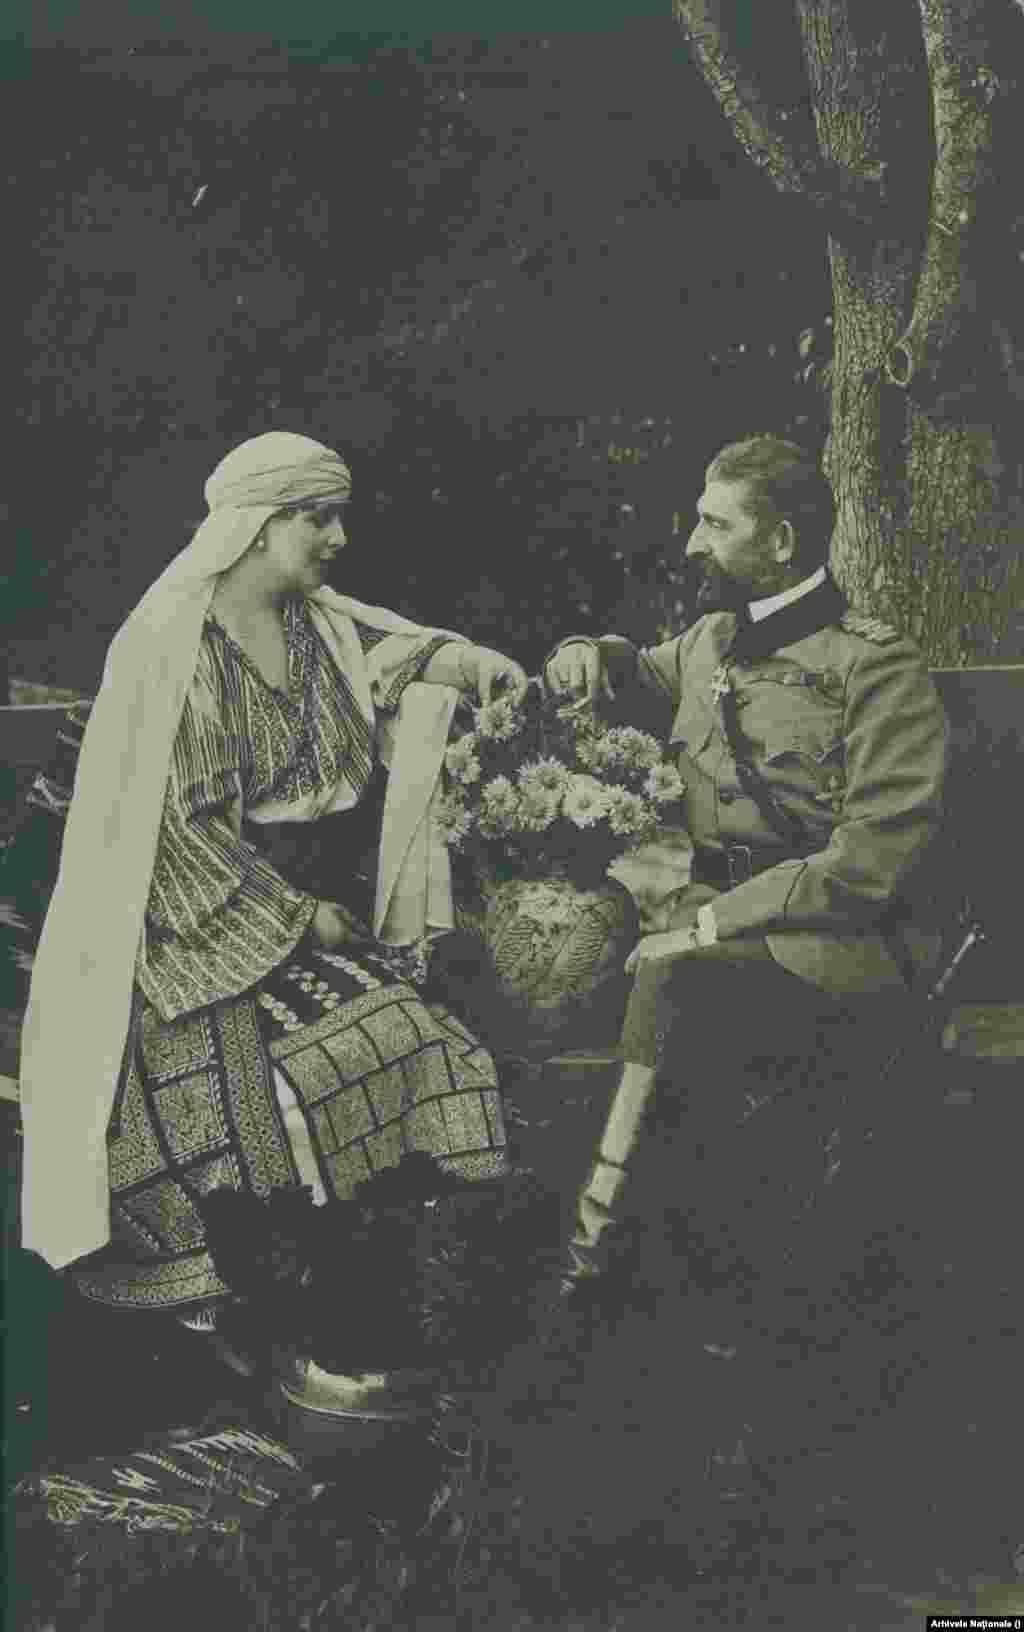 Regina Maria și Regele Ferdinand în refugiul de la Bicaz în vara lui 1918. Rezistaseră aproape doi an în fața tăvălugului german, inclusiv prin marile victorii de la Mărăști și Oituz din 1917. Dar în martie, după ce Rusia capturată de Lenin a ieșit din război, și România a fost nevoită să capituleze, prin pacea de la Buftea. Victoria finală a fost posibilă datorită unei diplomații extrem de eficiente și a unei armate păstrate pentru momentul potrivit.